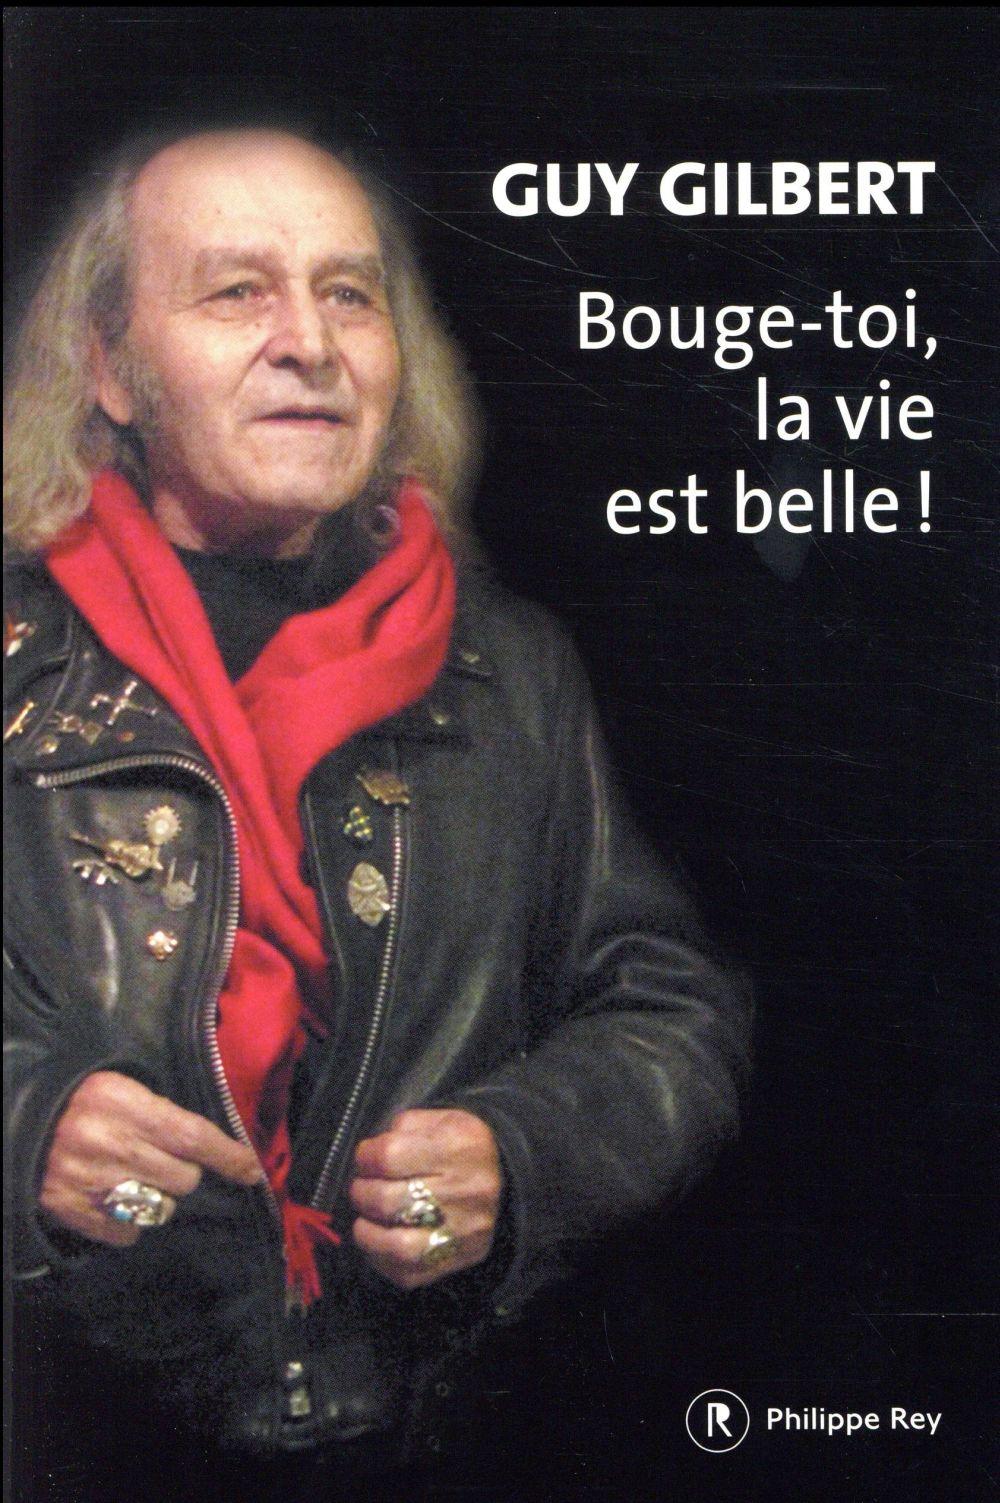 BOUGE-TOI, LA VIE EST BELLE!